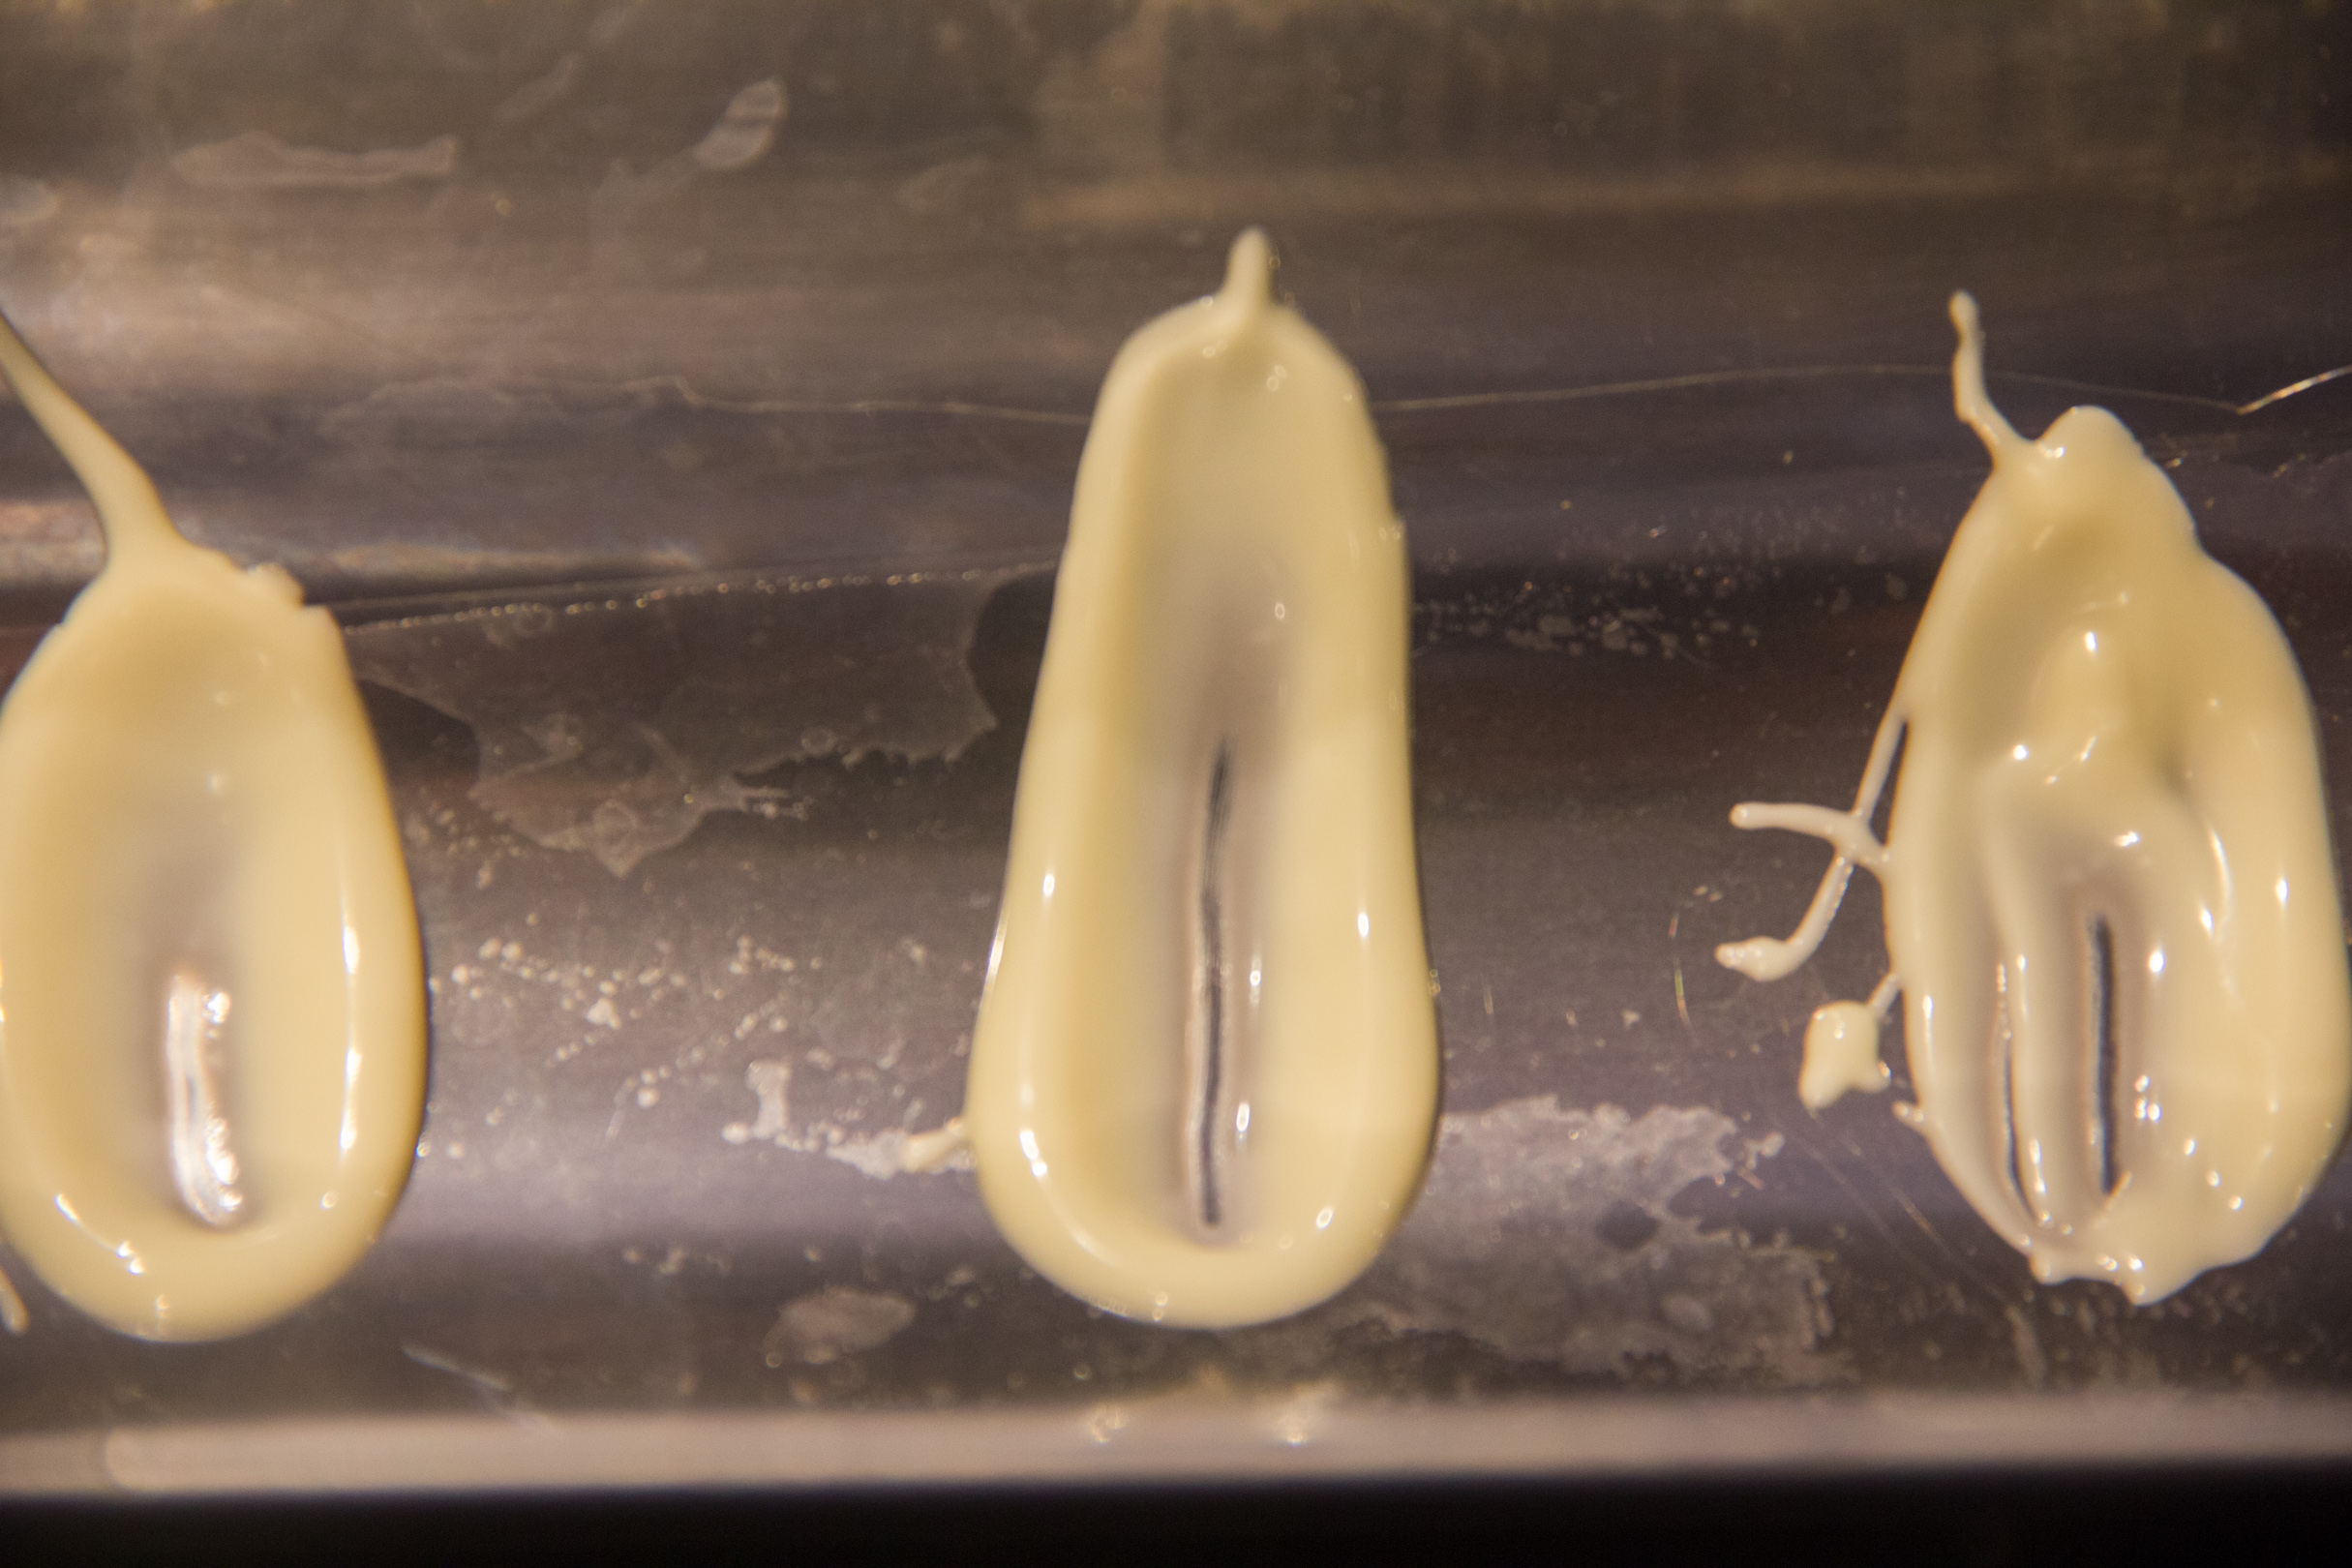 Puis en utilisant le côté arrondi d'une petite cuillère étirez le point de chocolat vers le haut